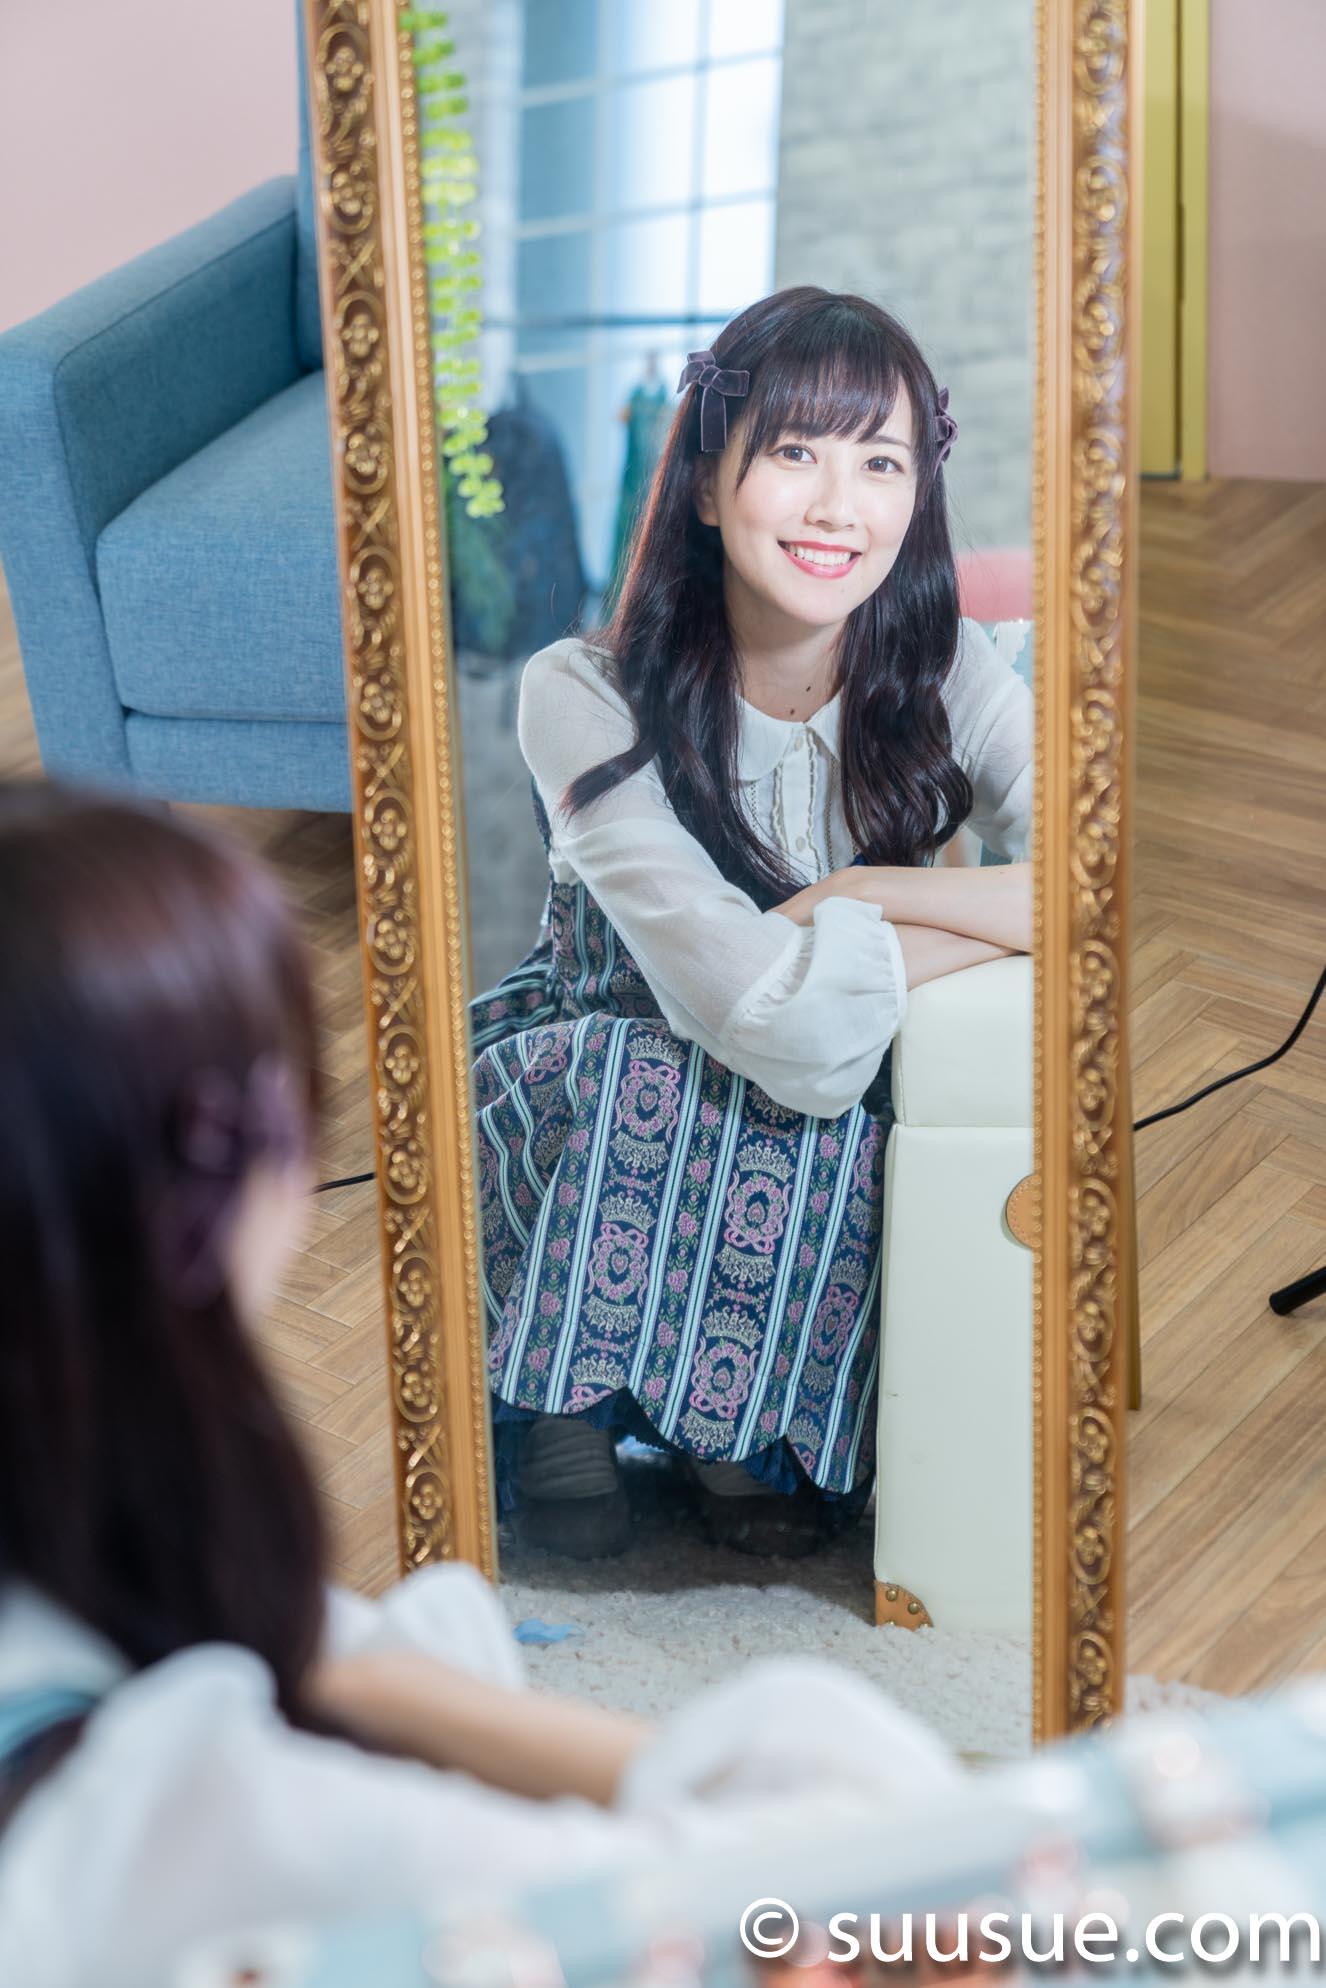 瀬谷ひかる バースデー撮影会 2019/10/20 NewType撮影会